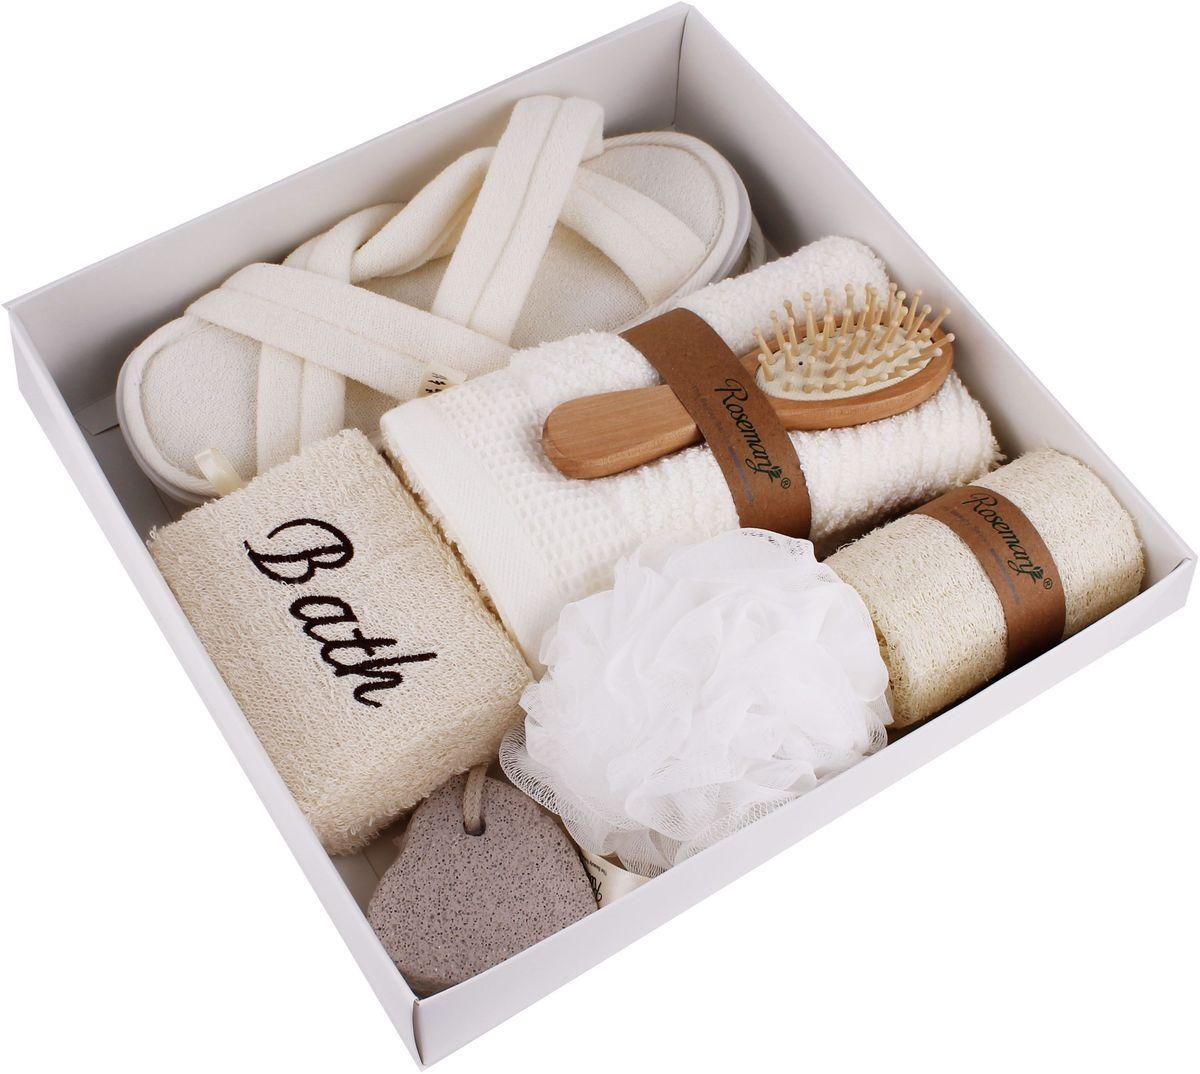 Набор банных аксессуаров Patricia, 7 предметов, цвет: белый. IM99-1338 patricia часы 19 15 32 см